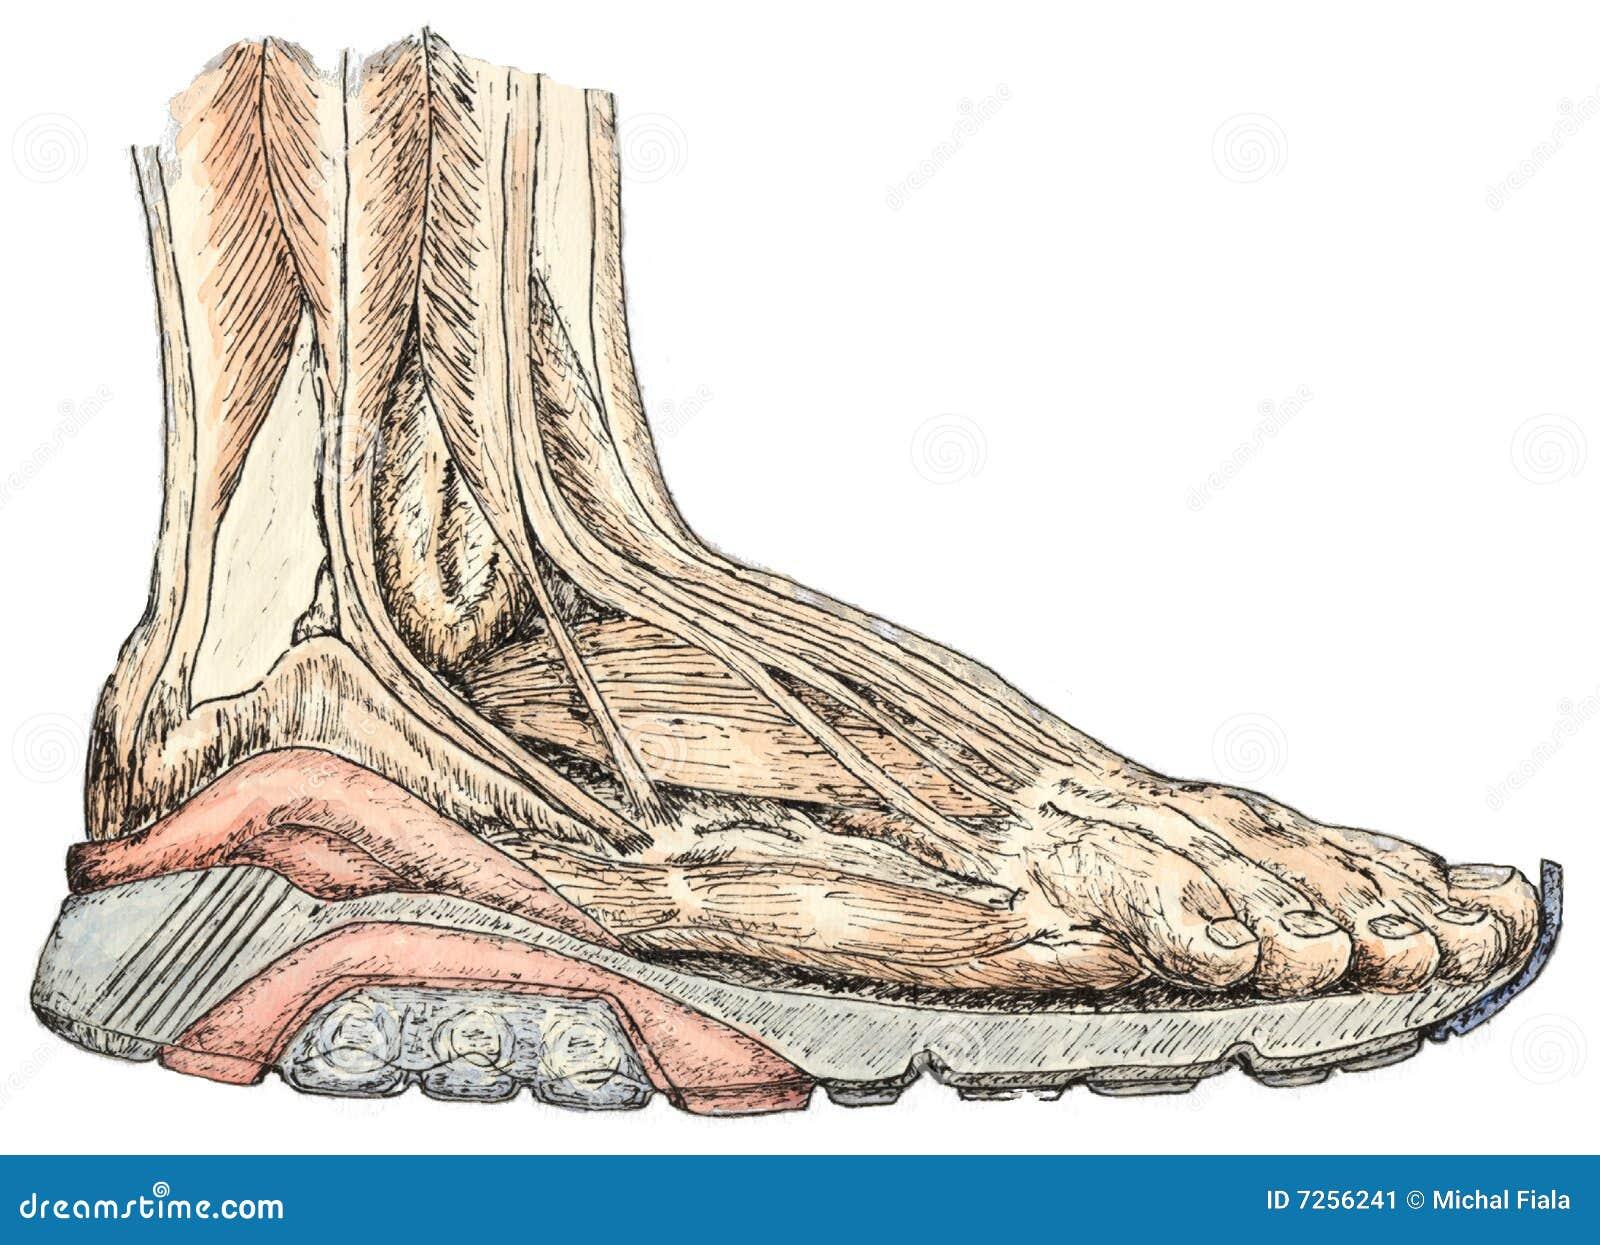 Fußanatomie stock abbildung. Illustration von sehne, zeichnung - 7256241